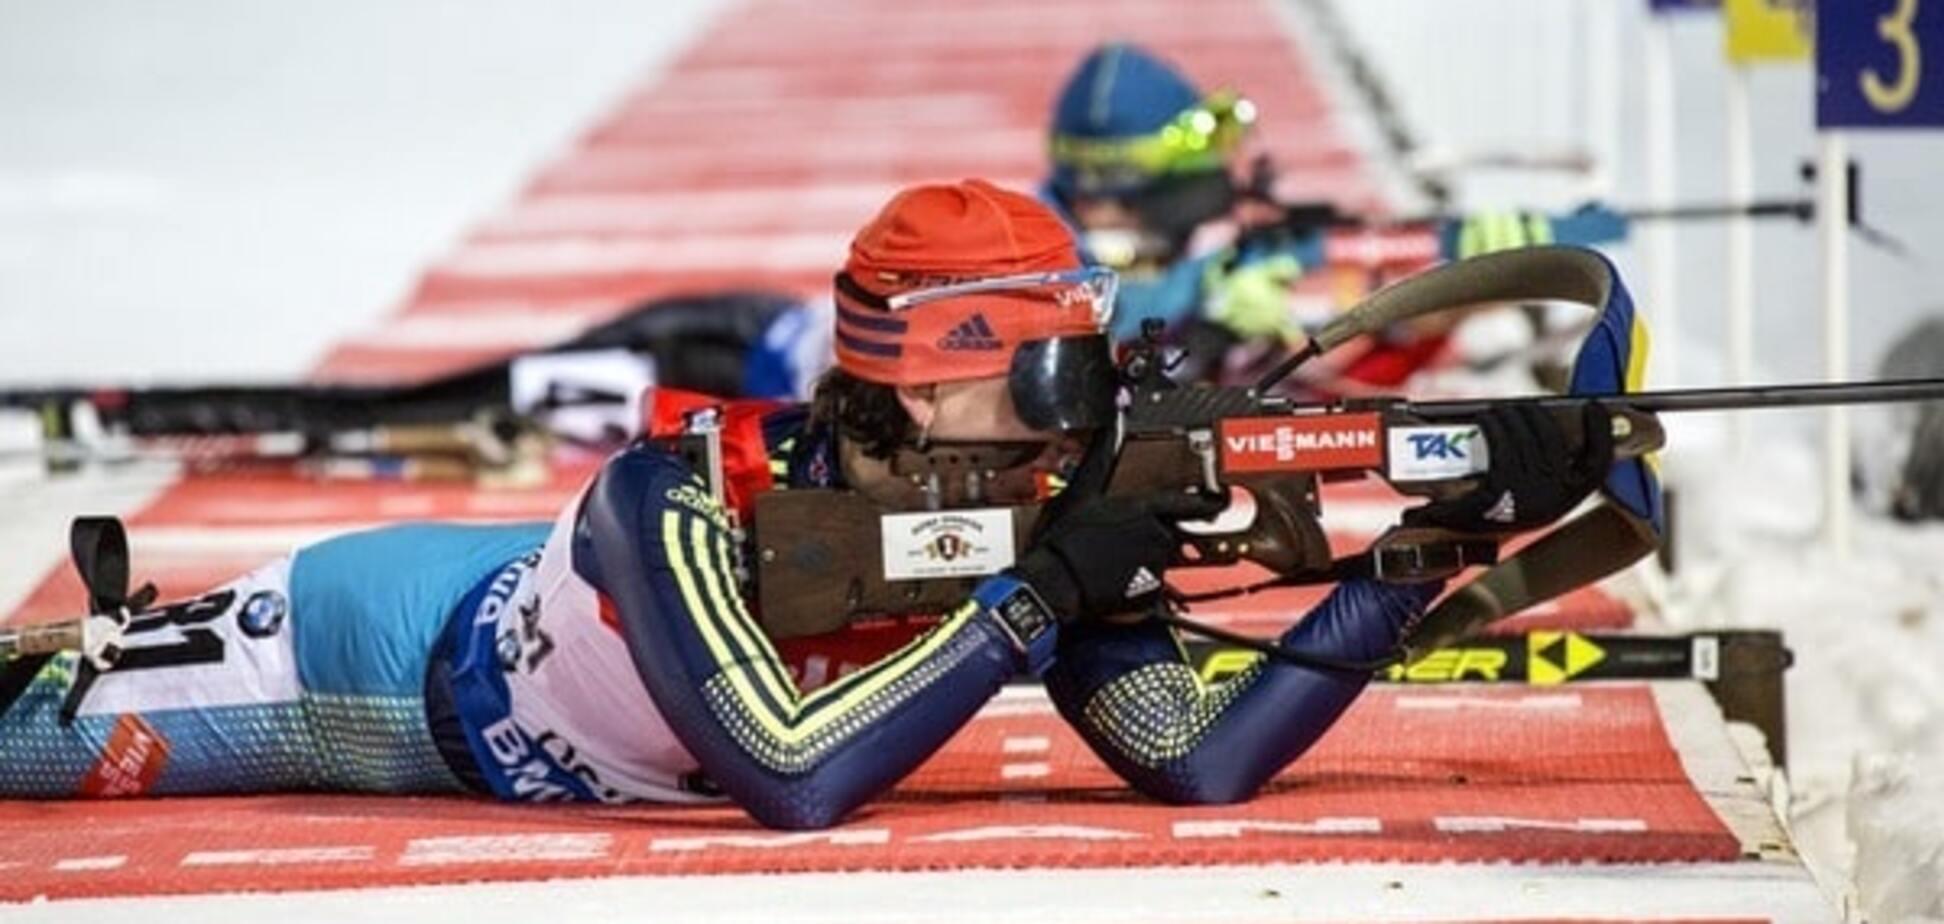 Україна завоювала 'бронзу' на Кубку світу з біатлону